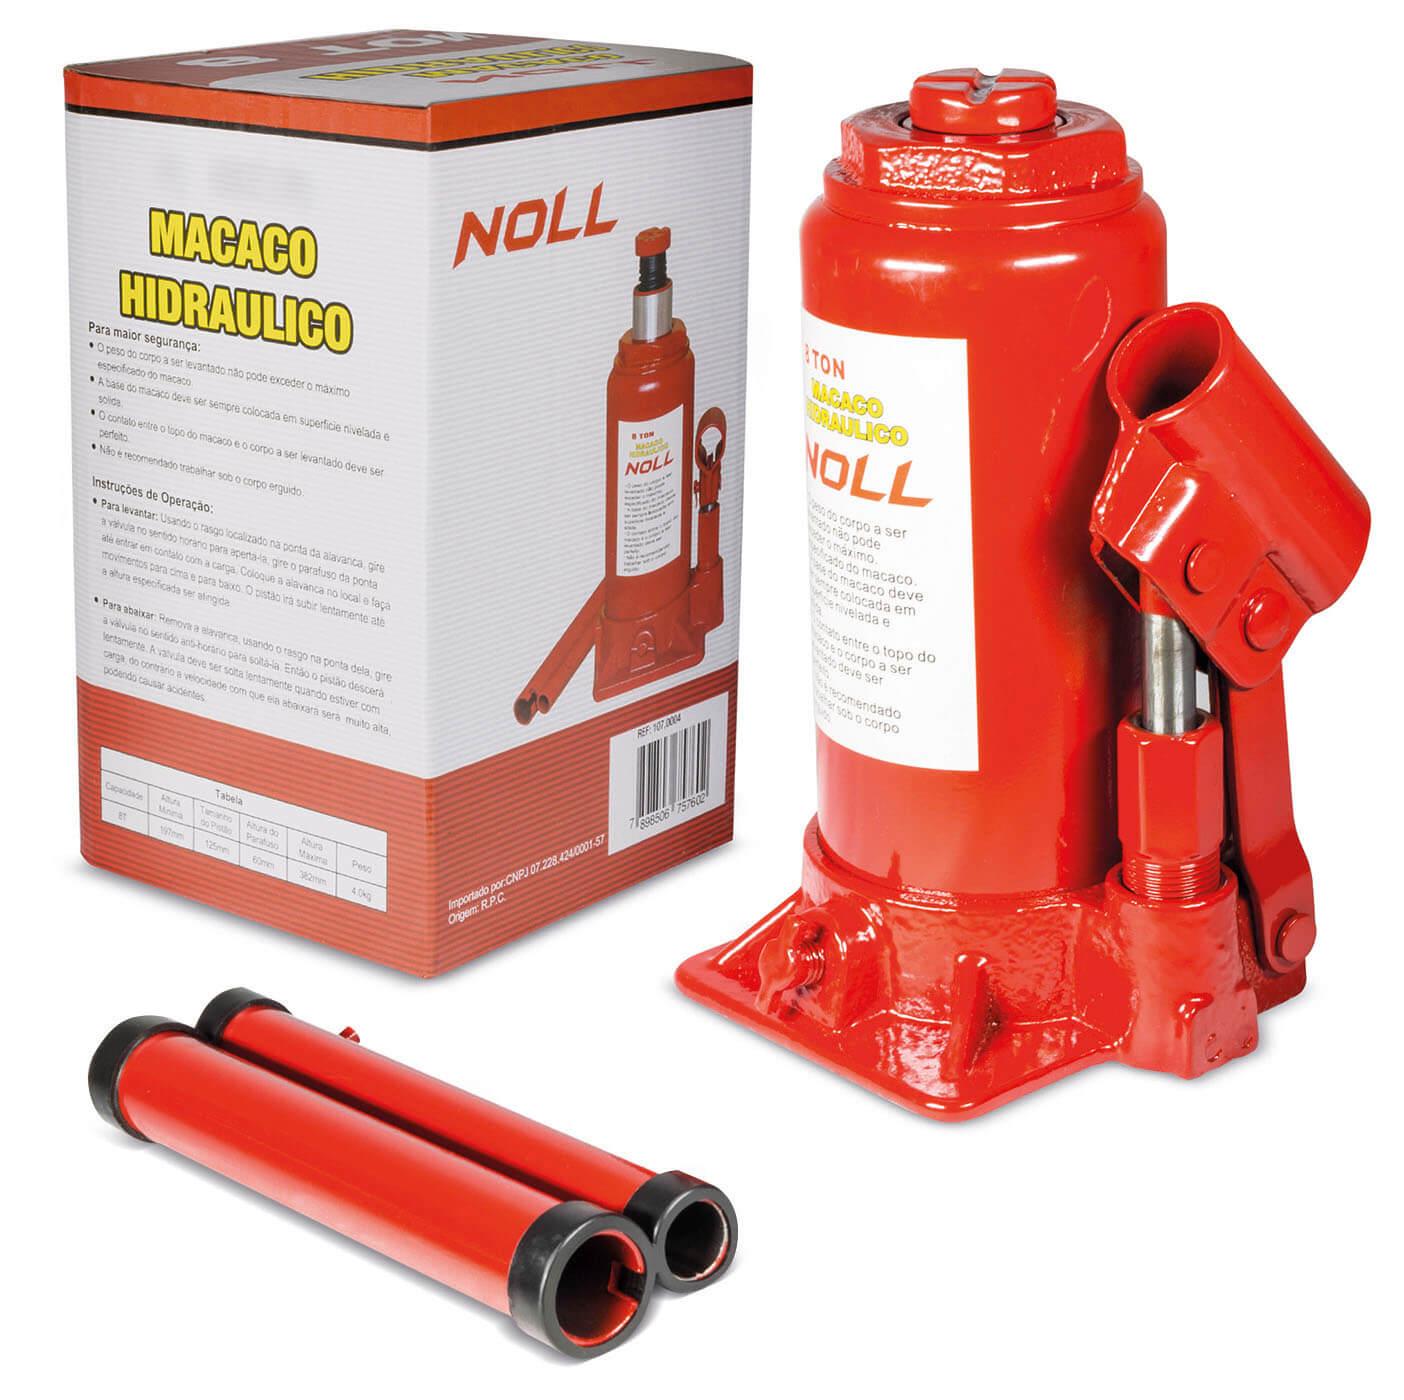 Macaco hidráulico tipo garrafa 8 toneladas - Noll